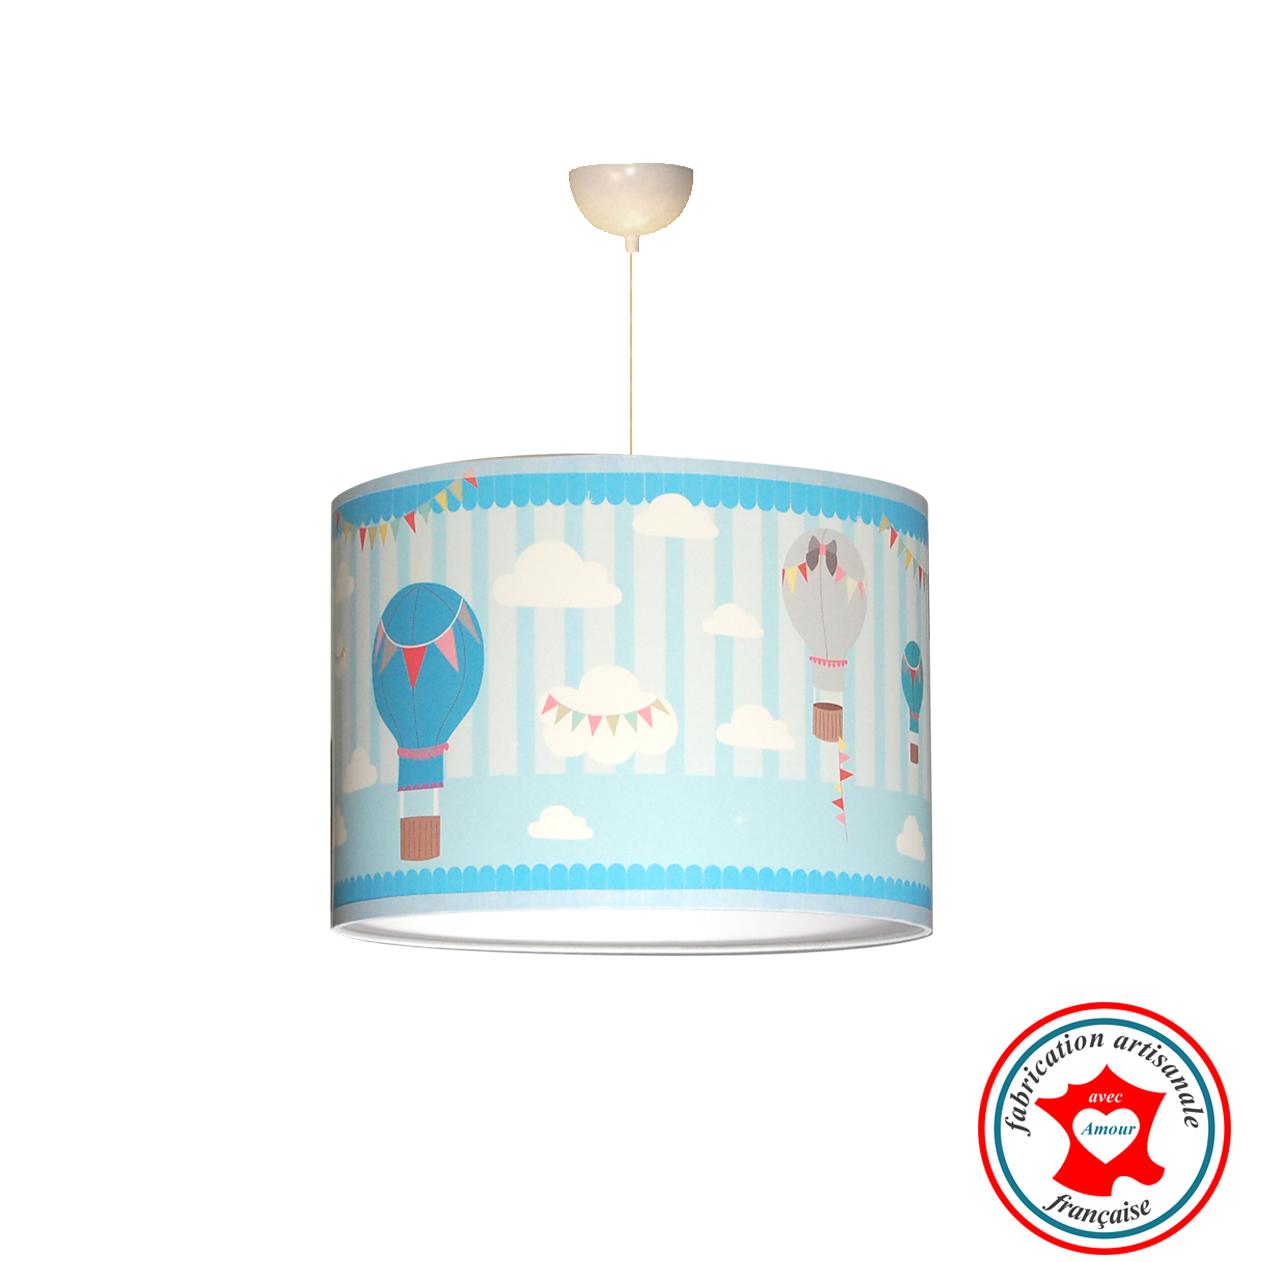 Montgolfiere b susp 1